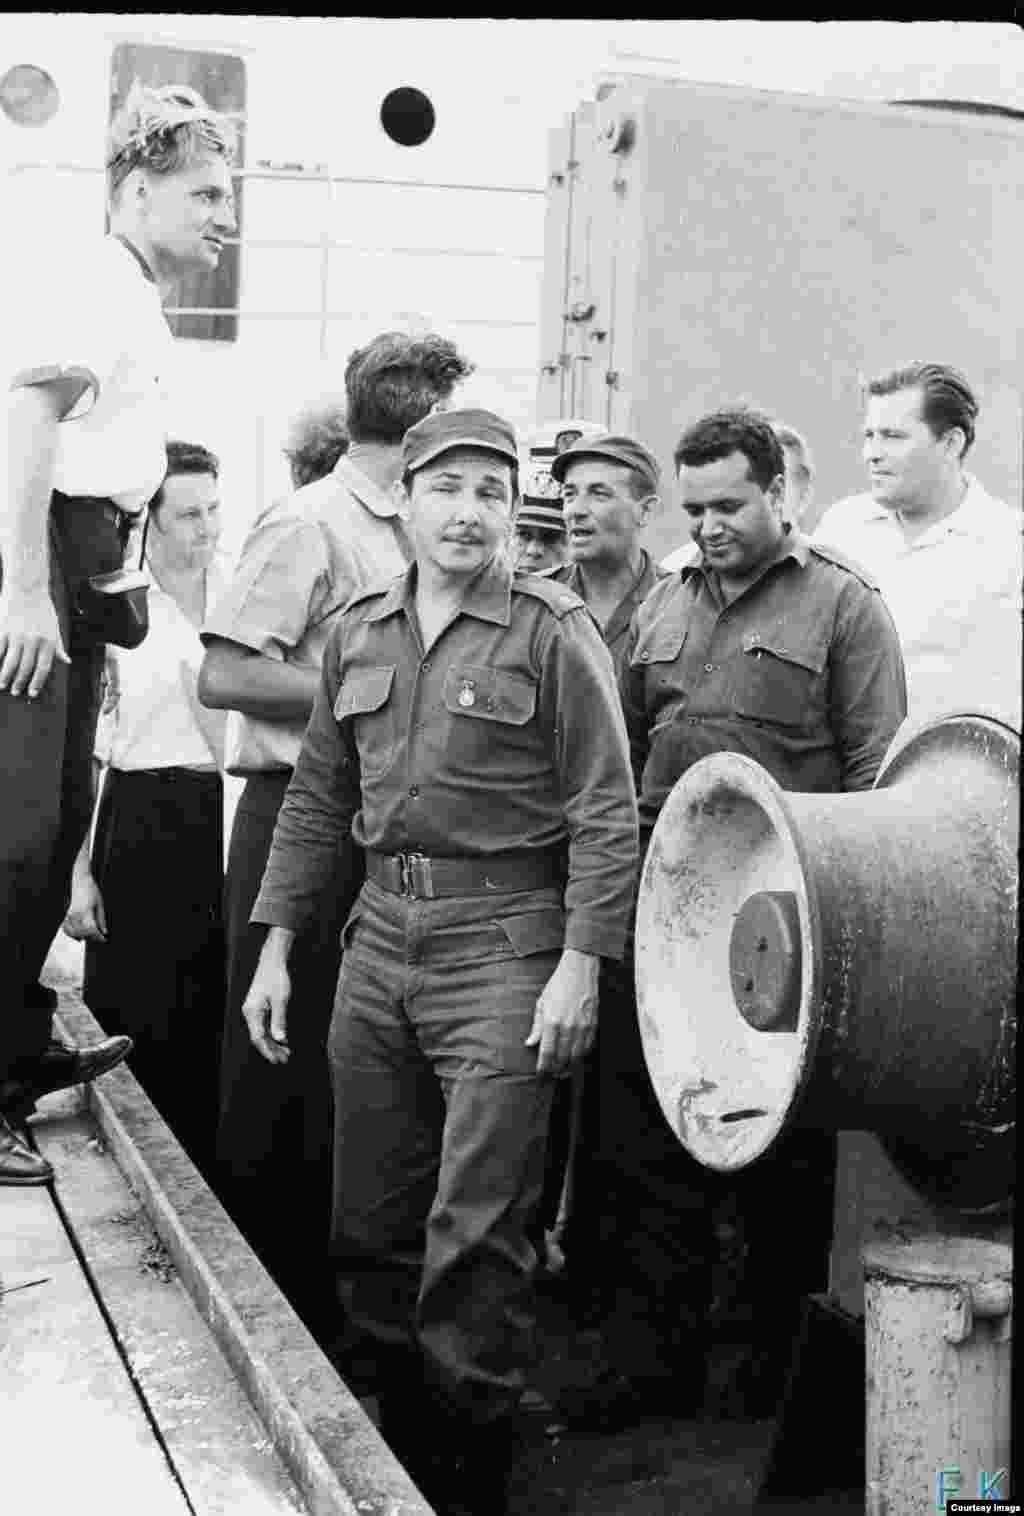 Raúl Castro en la cubierta del buque soviético Lgove